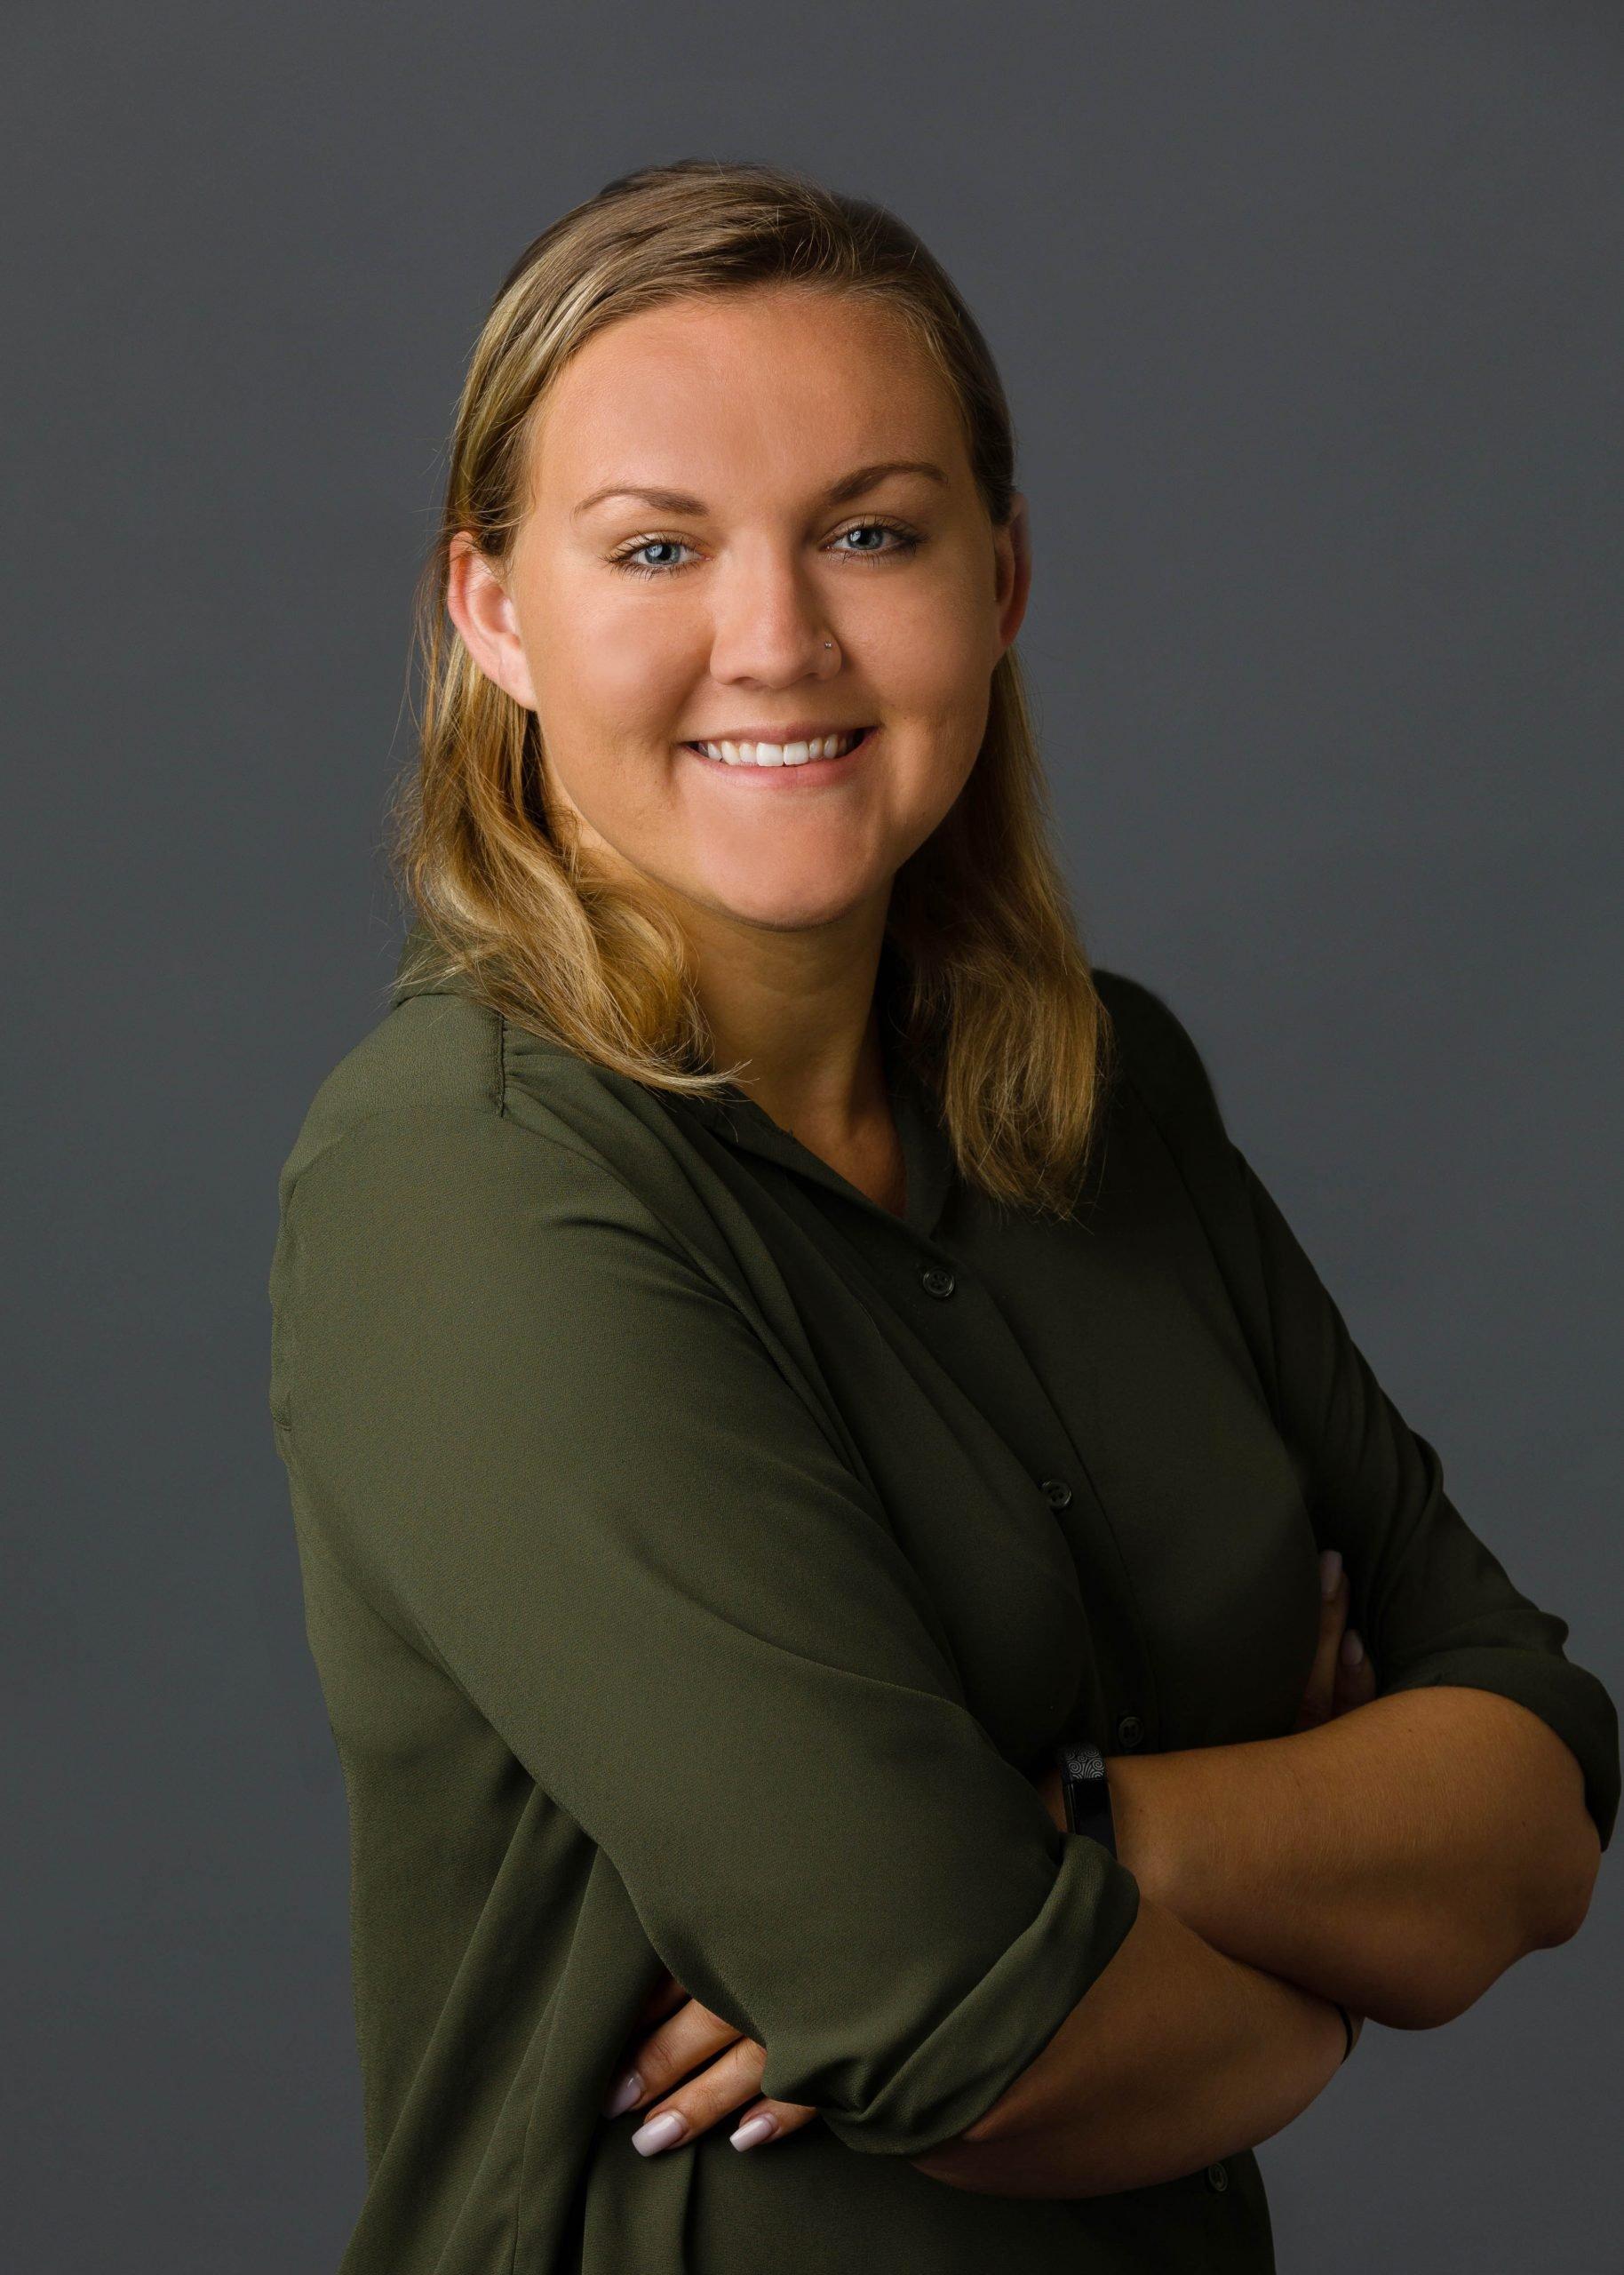 Kayla Mullen